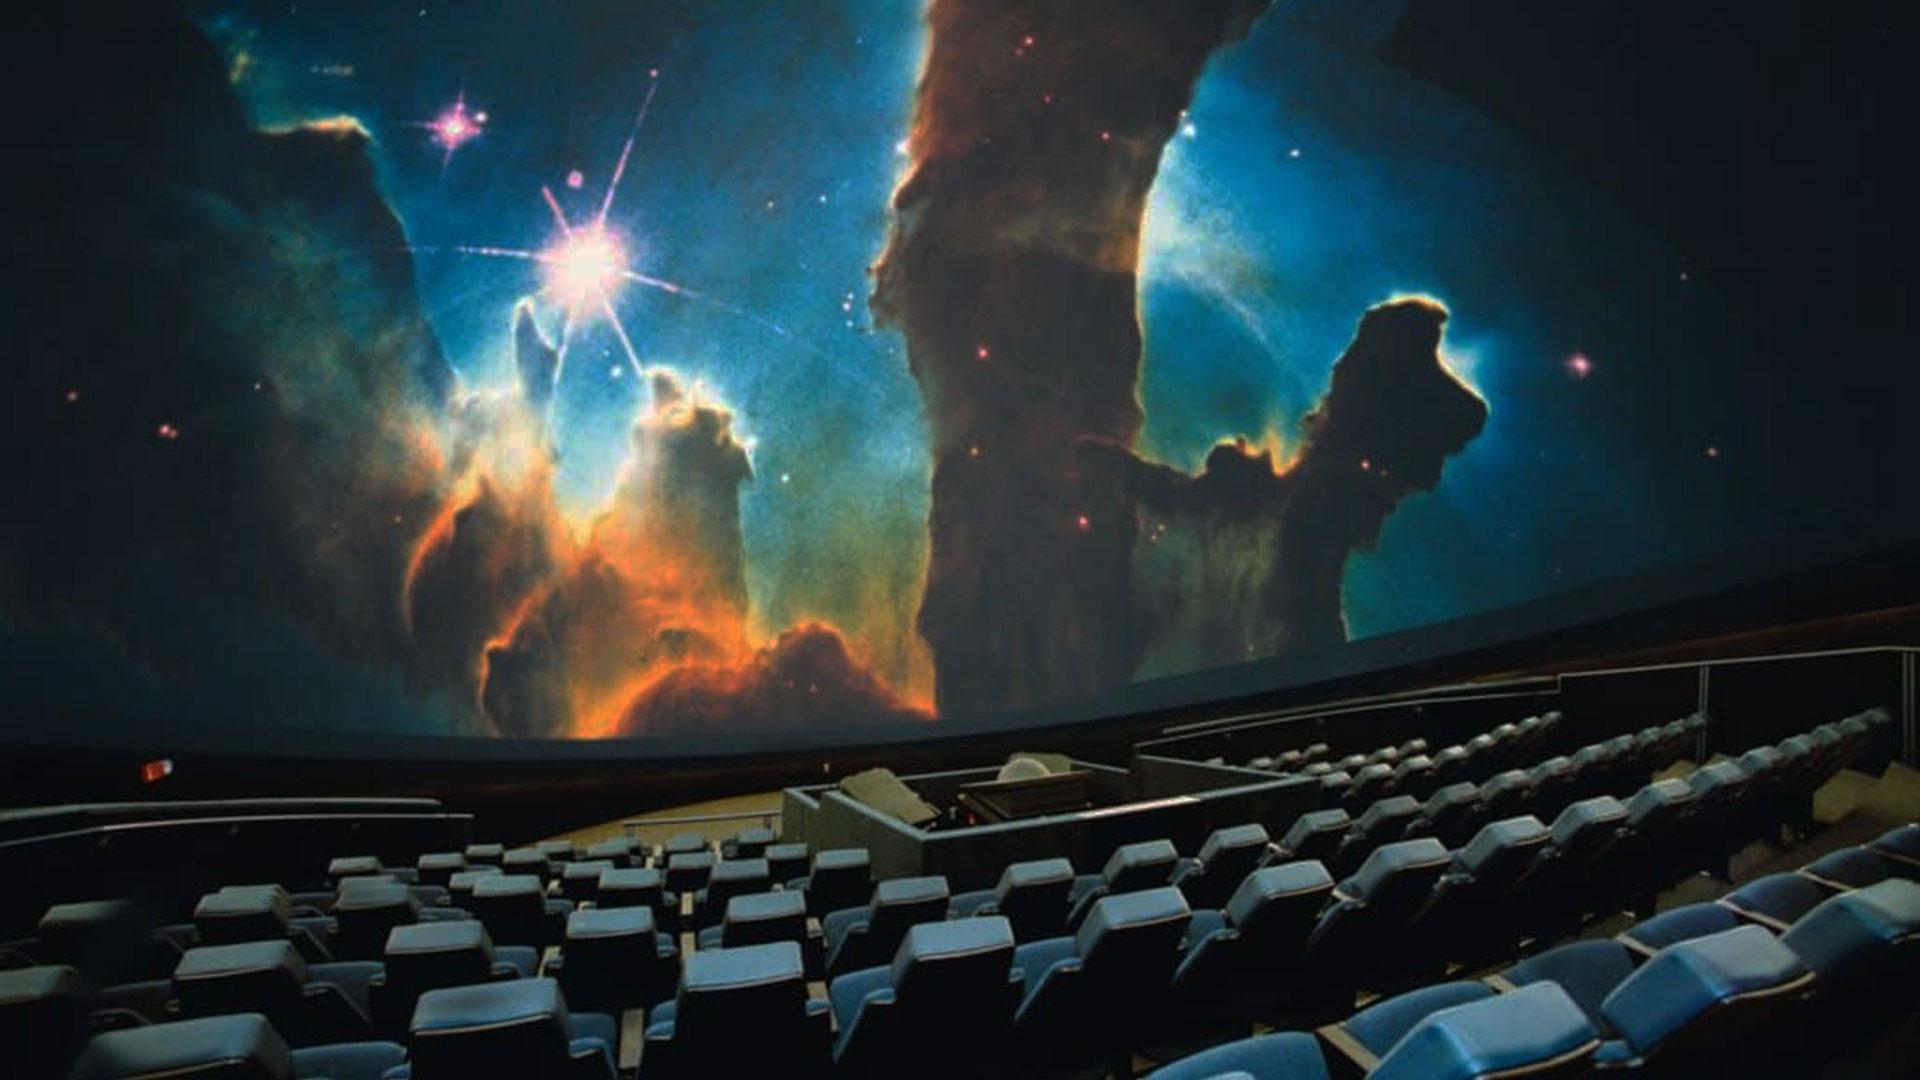 planetarium-background 05